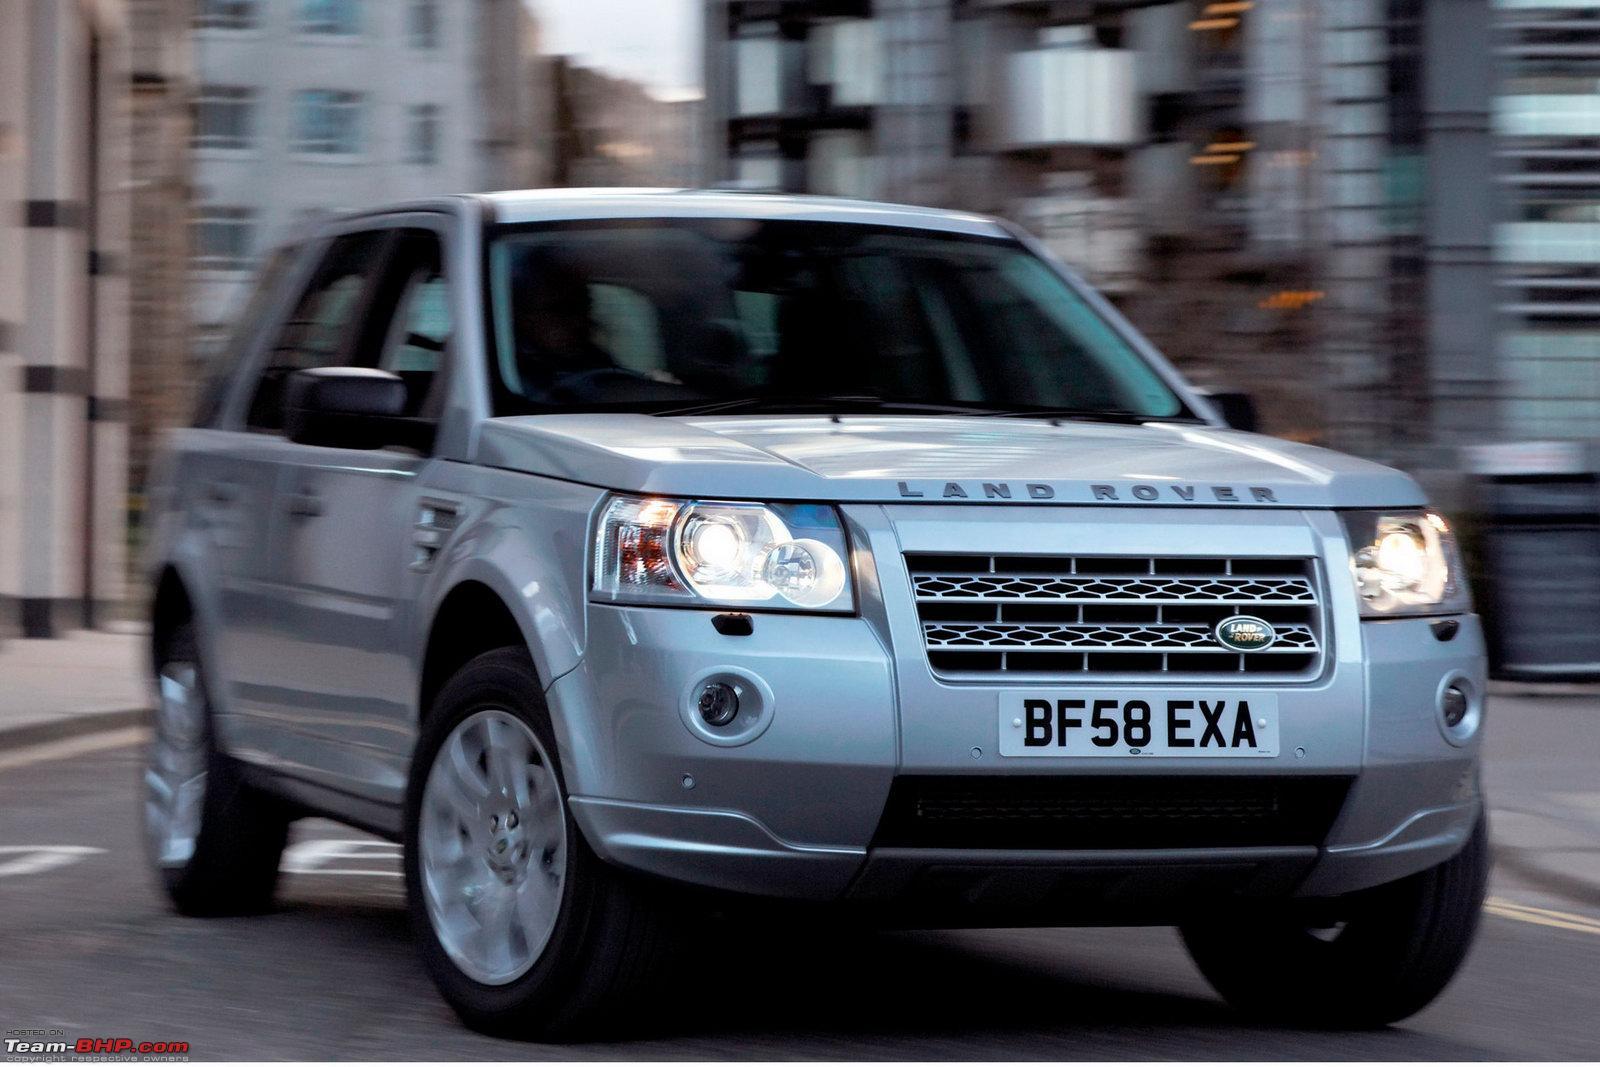 2011 Land Rover freelander 2 facelift images leaked - Team-BHP